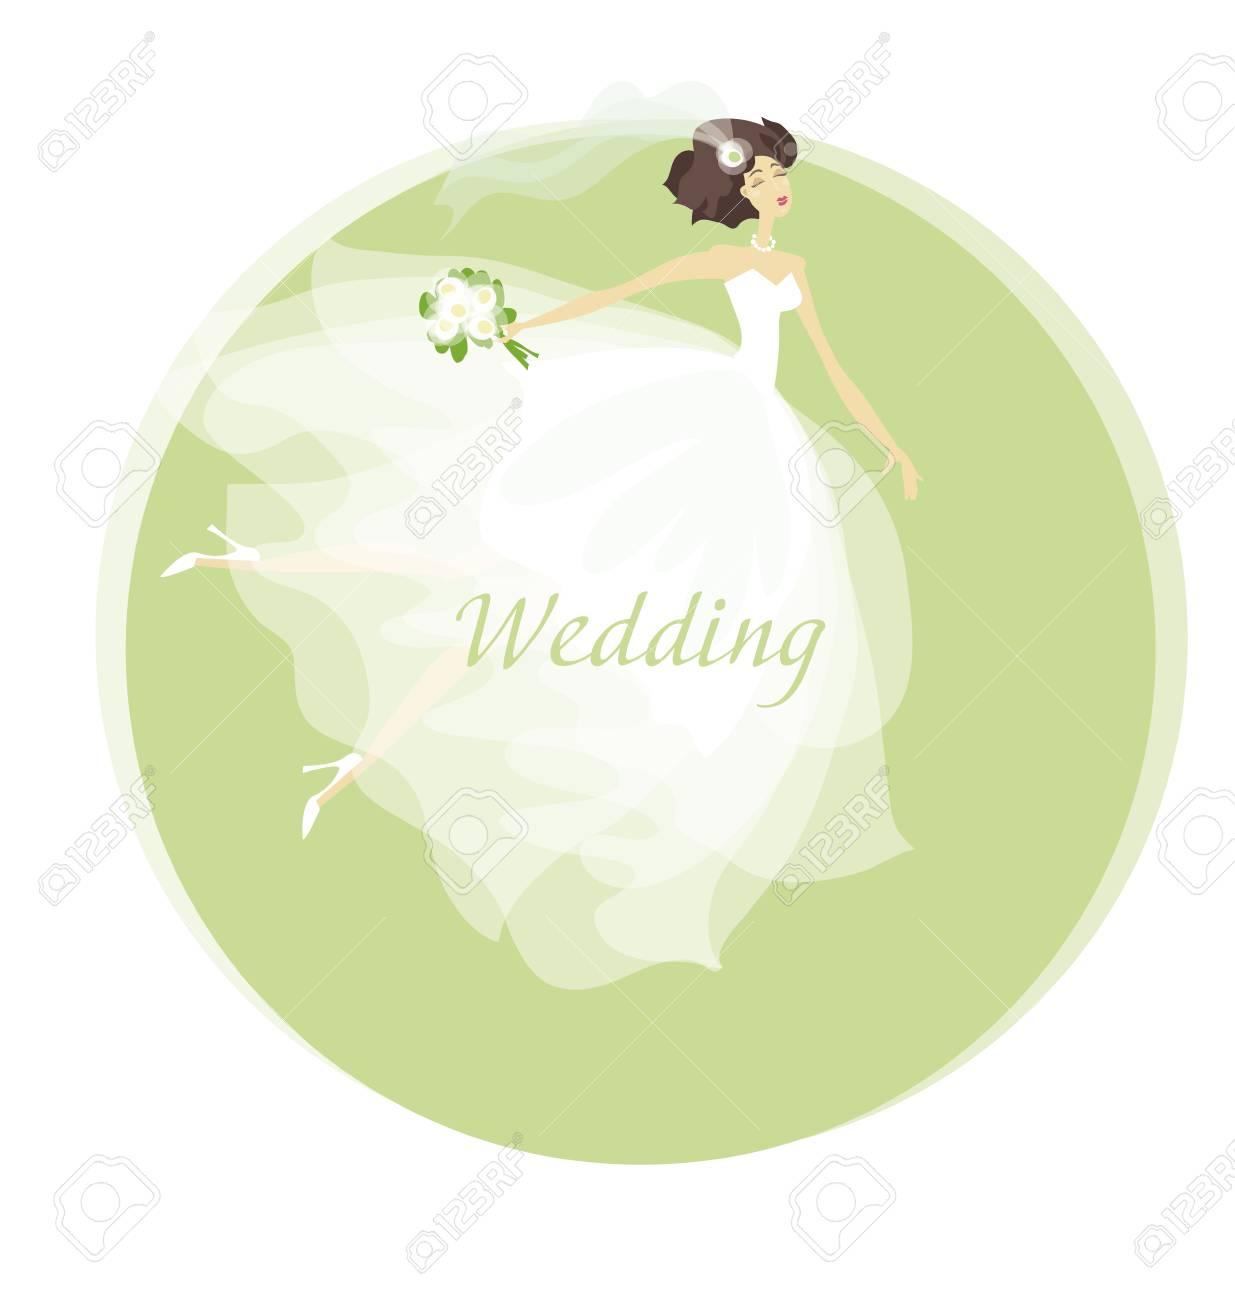 Ilustración Del Vector Del Concepto Del Vestido De Novia De La Novia Primavera Color Pastel Mujer En Vestido Blanco Celebración De Matrimonio